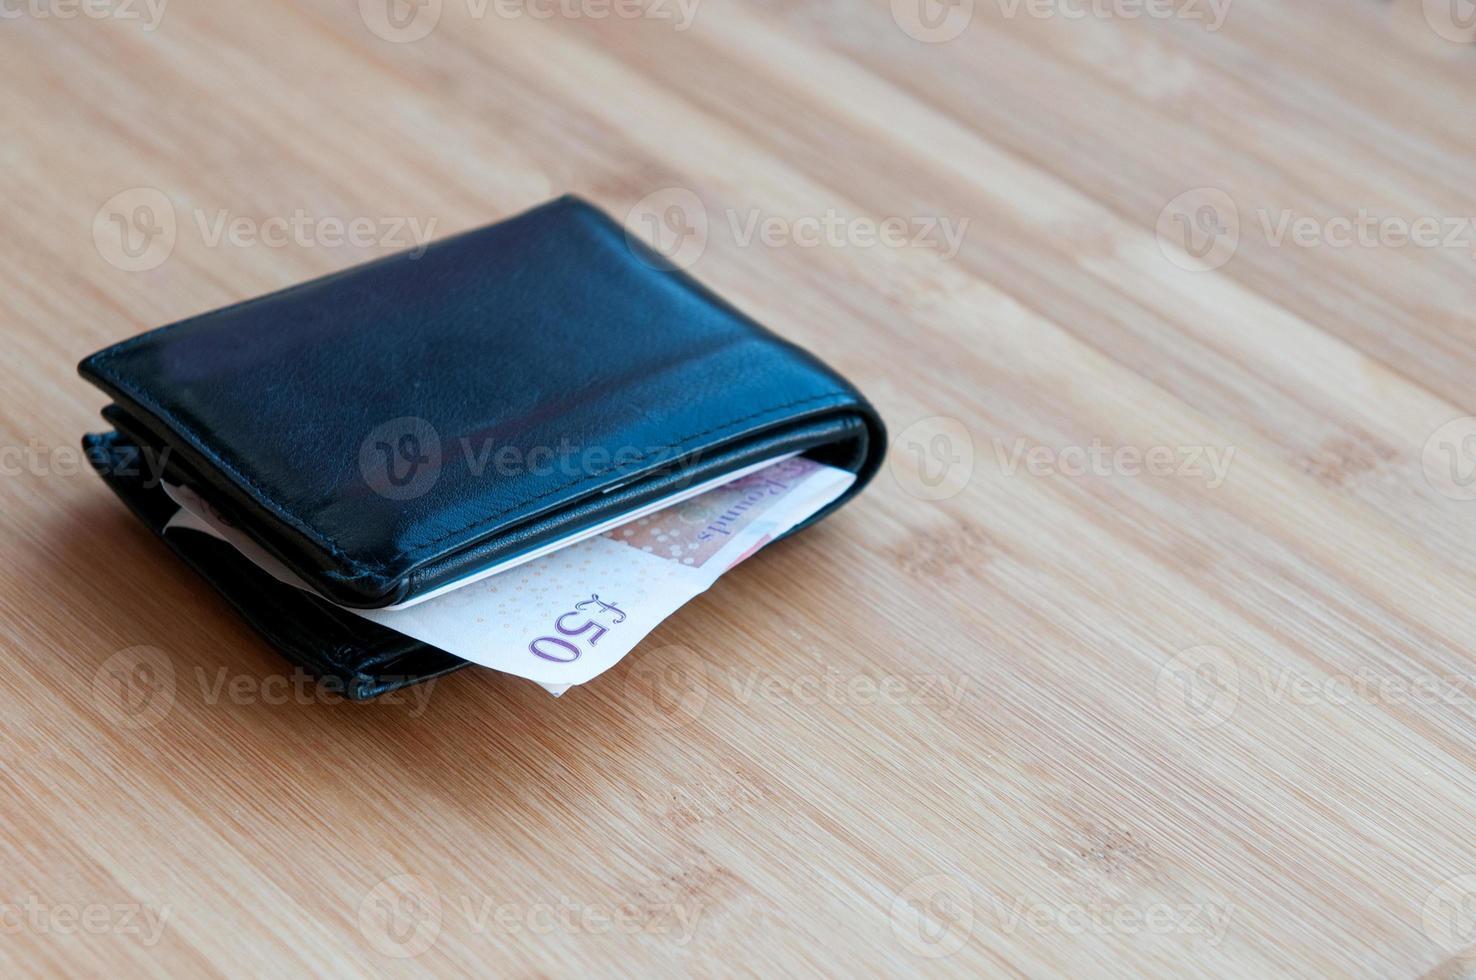 Brieftasche mit britischer Pfundnote. foto